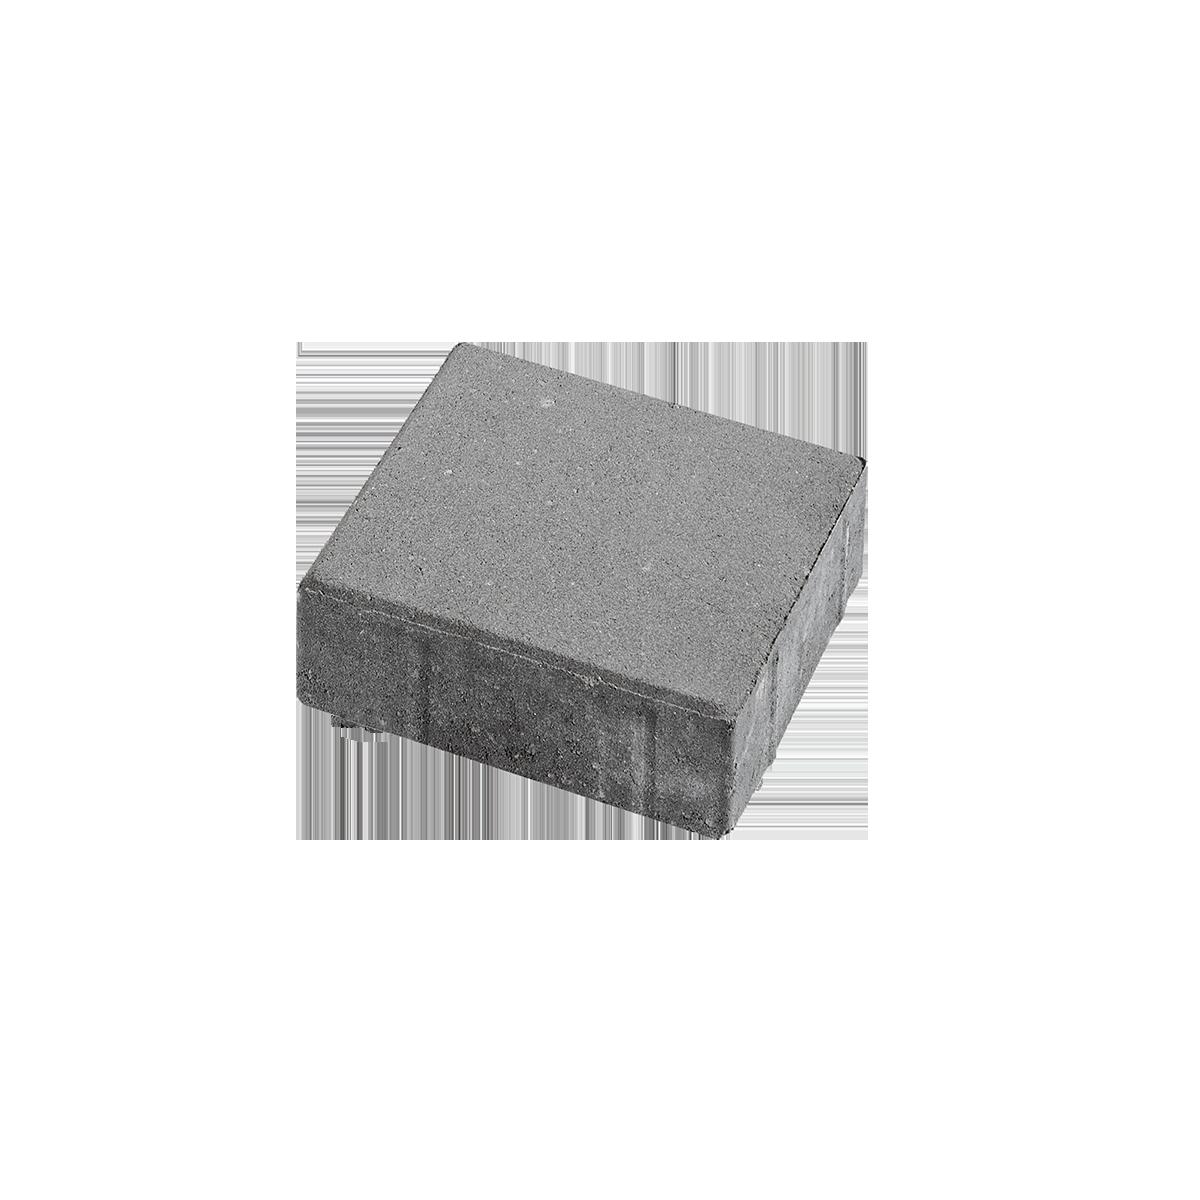 Fliser 15x15x6 cm Grå